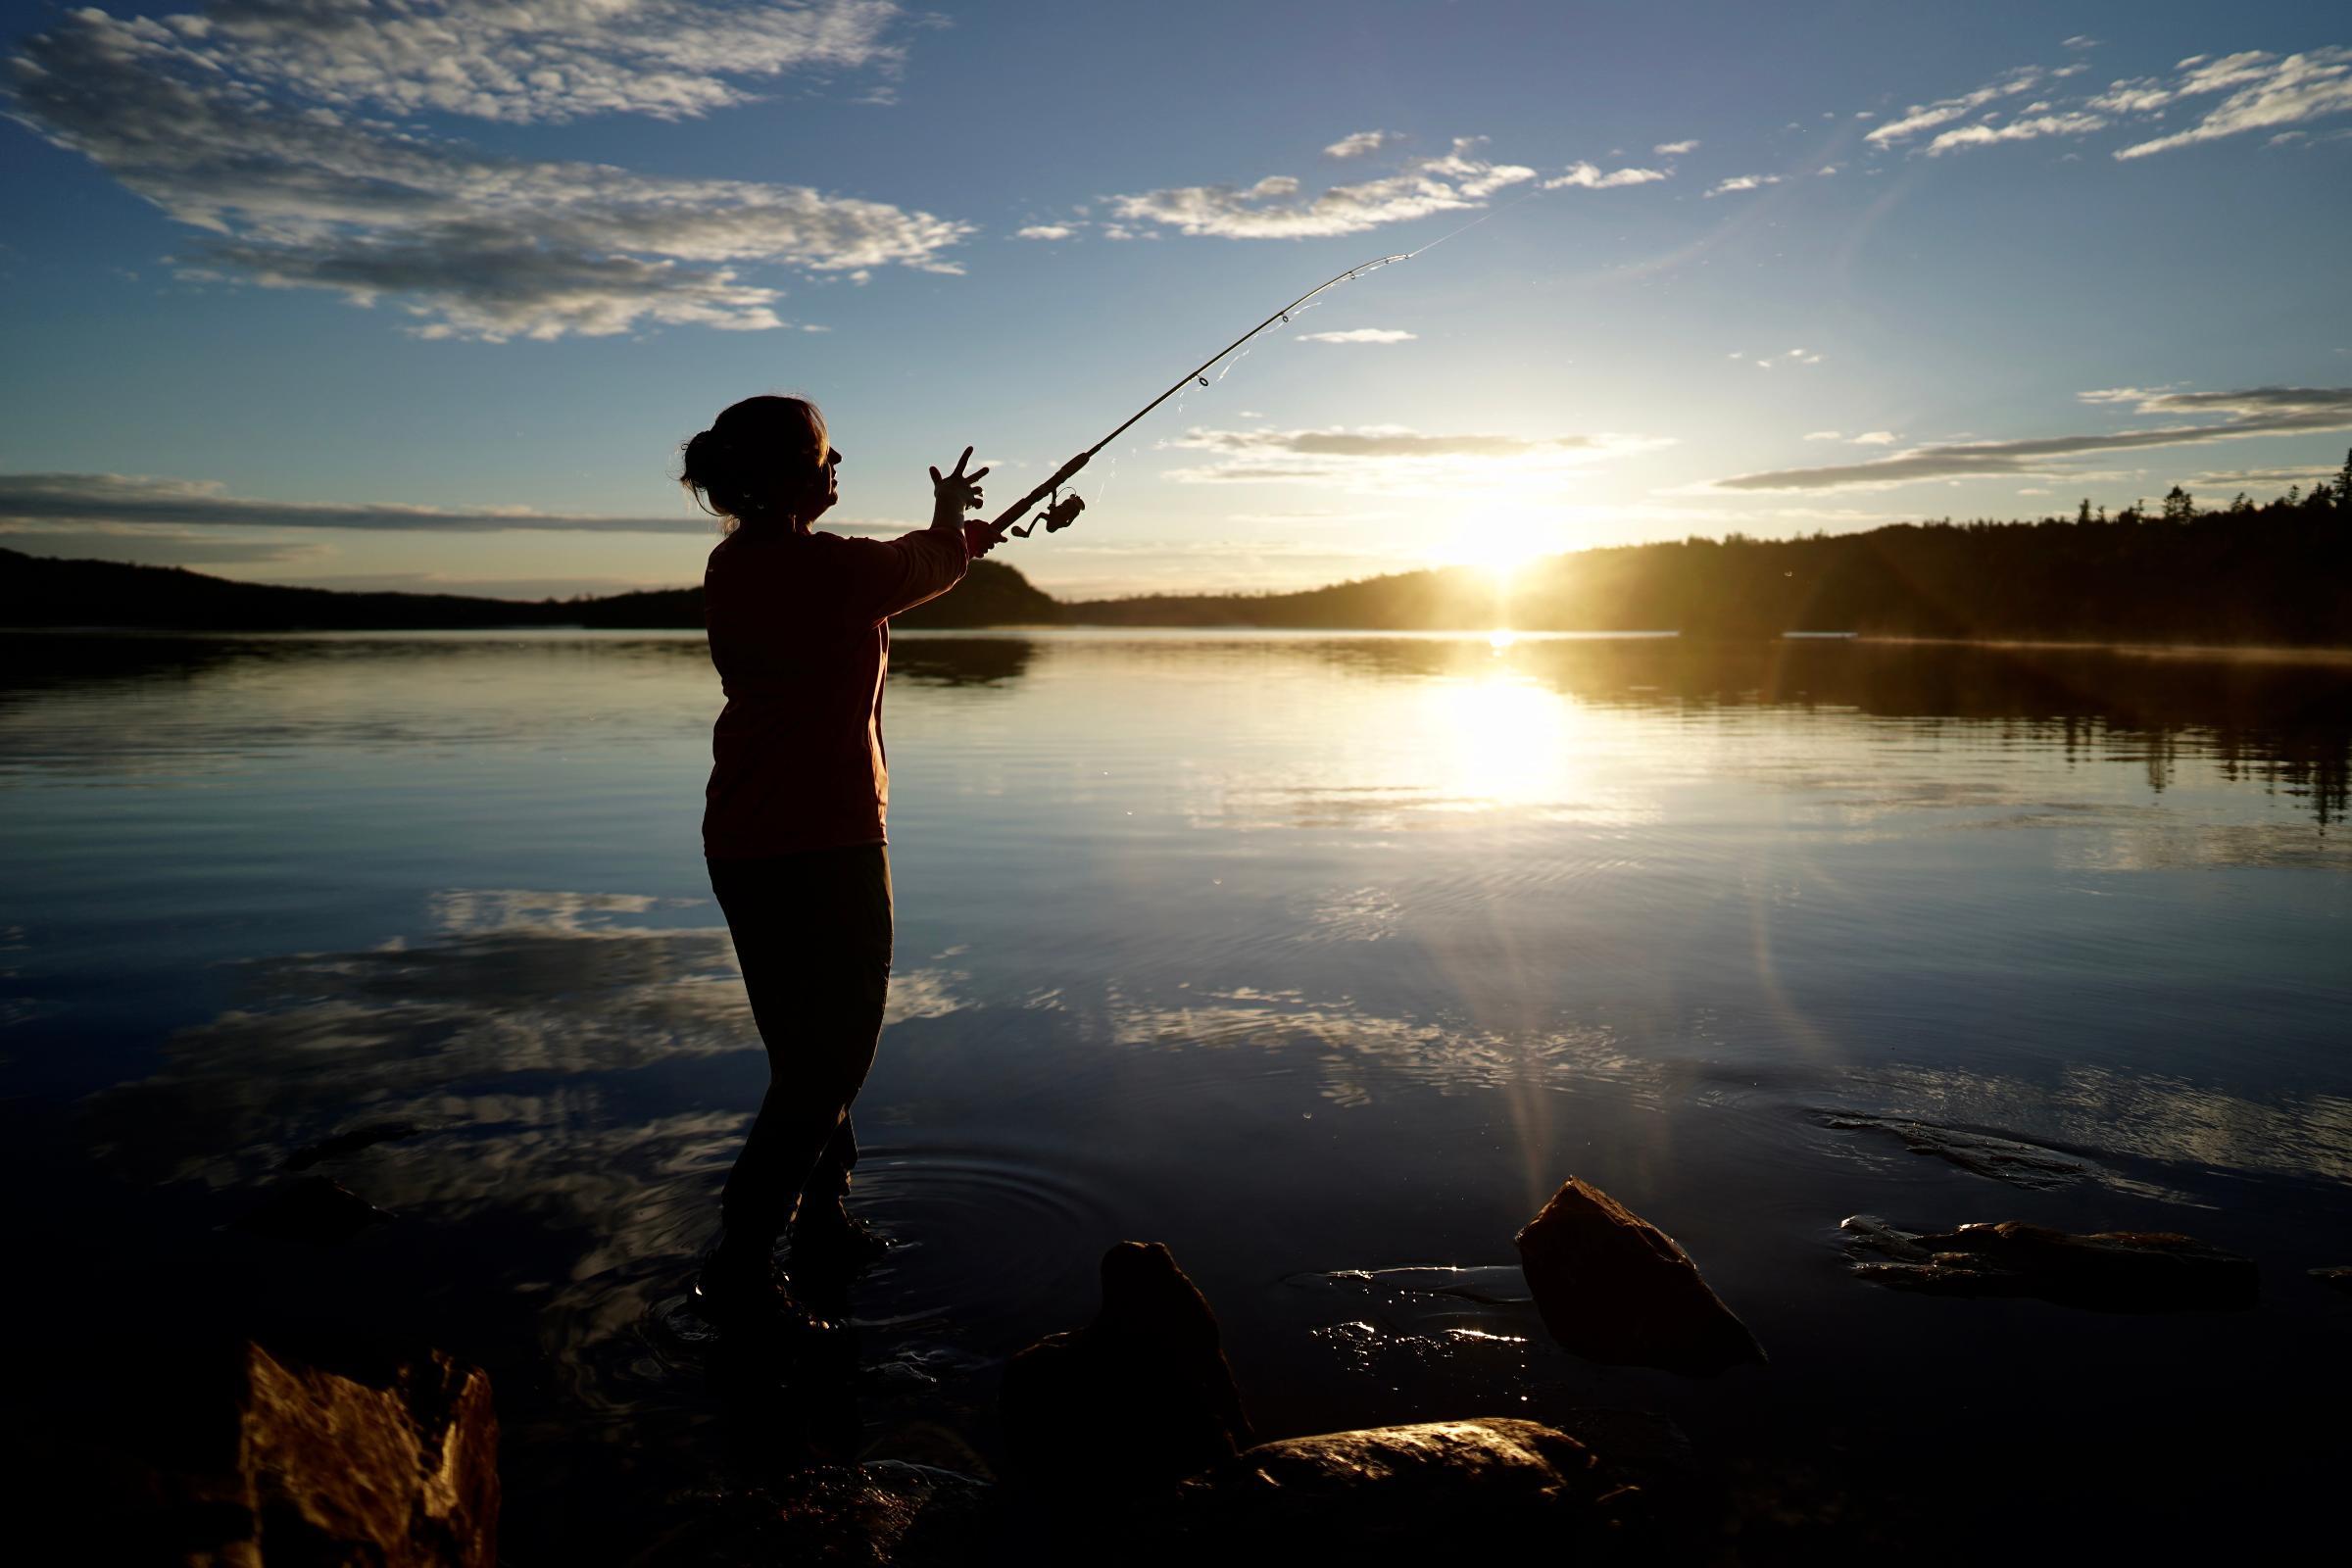 Fishing Alder Lake at sunset